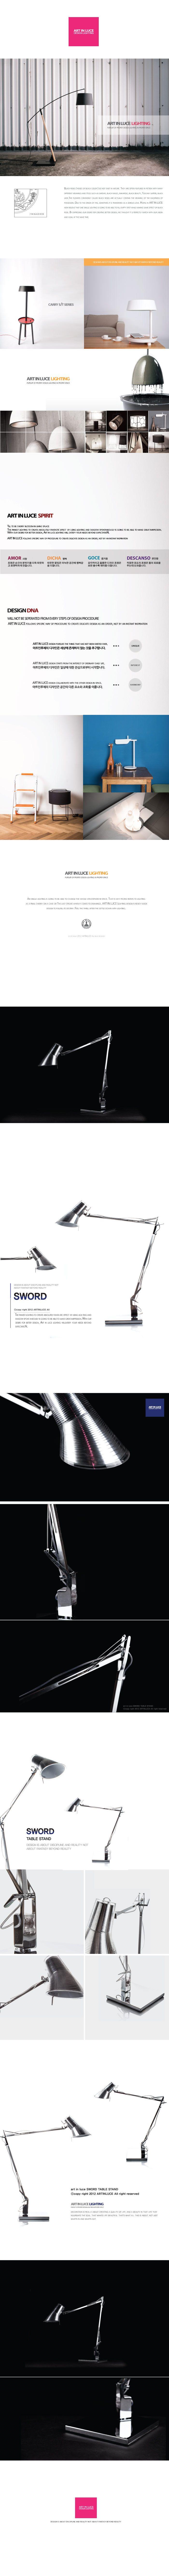 텐바이텐 10X10 : SWORD_T [스워드]